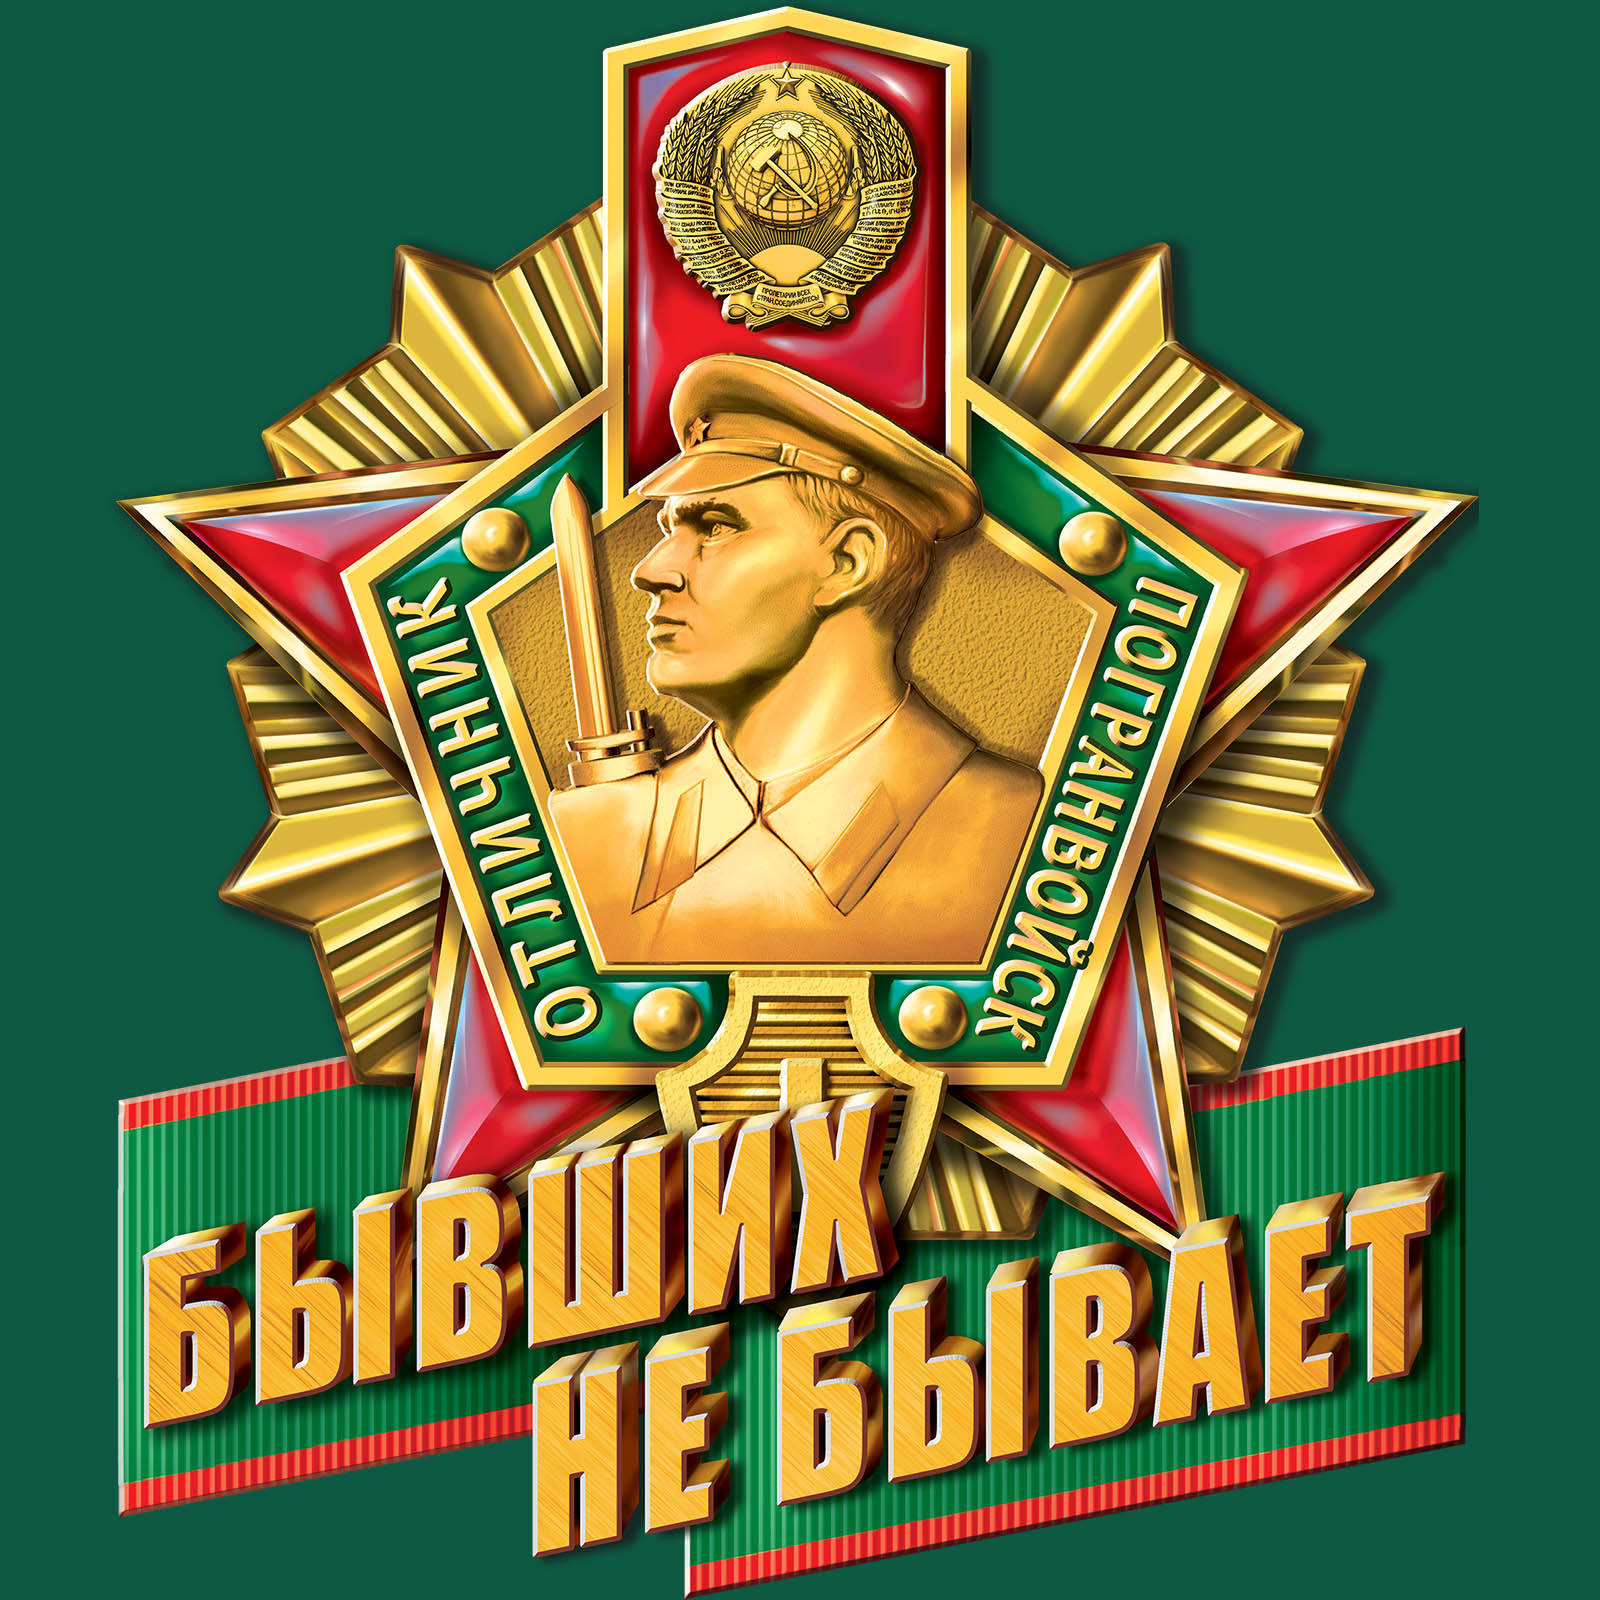 Зелёная футболка с большим принтом в виде знака «Отличник Погранвойск» - сделай оригинальный подарок себе или другу пограничнику